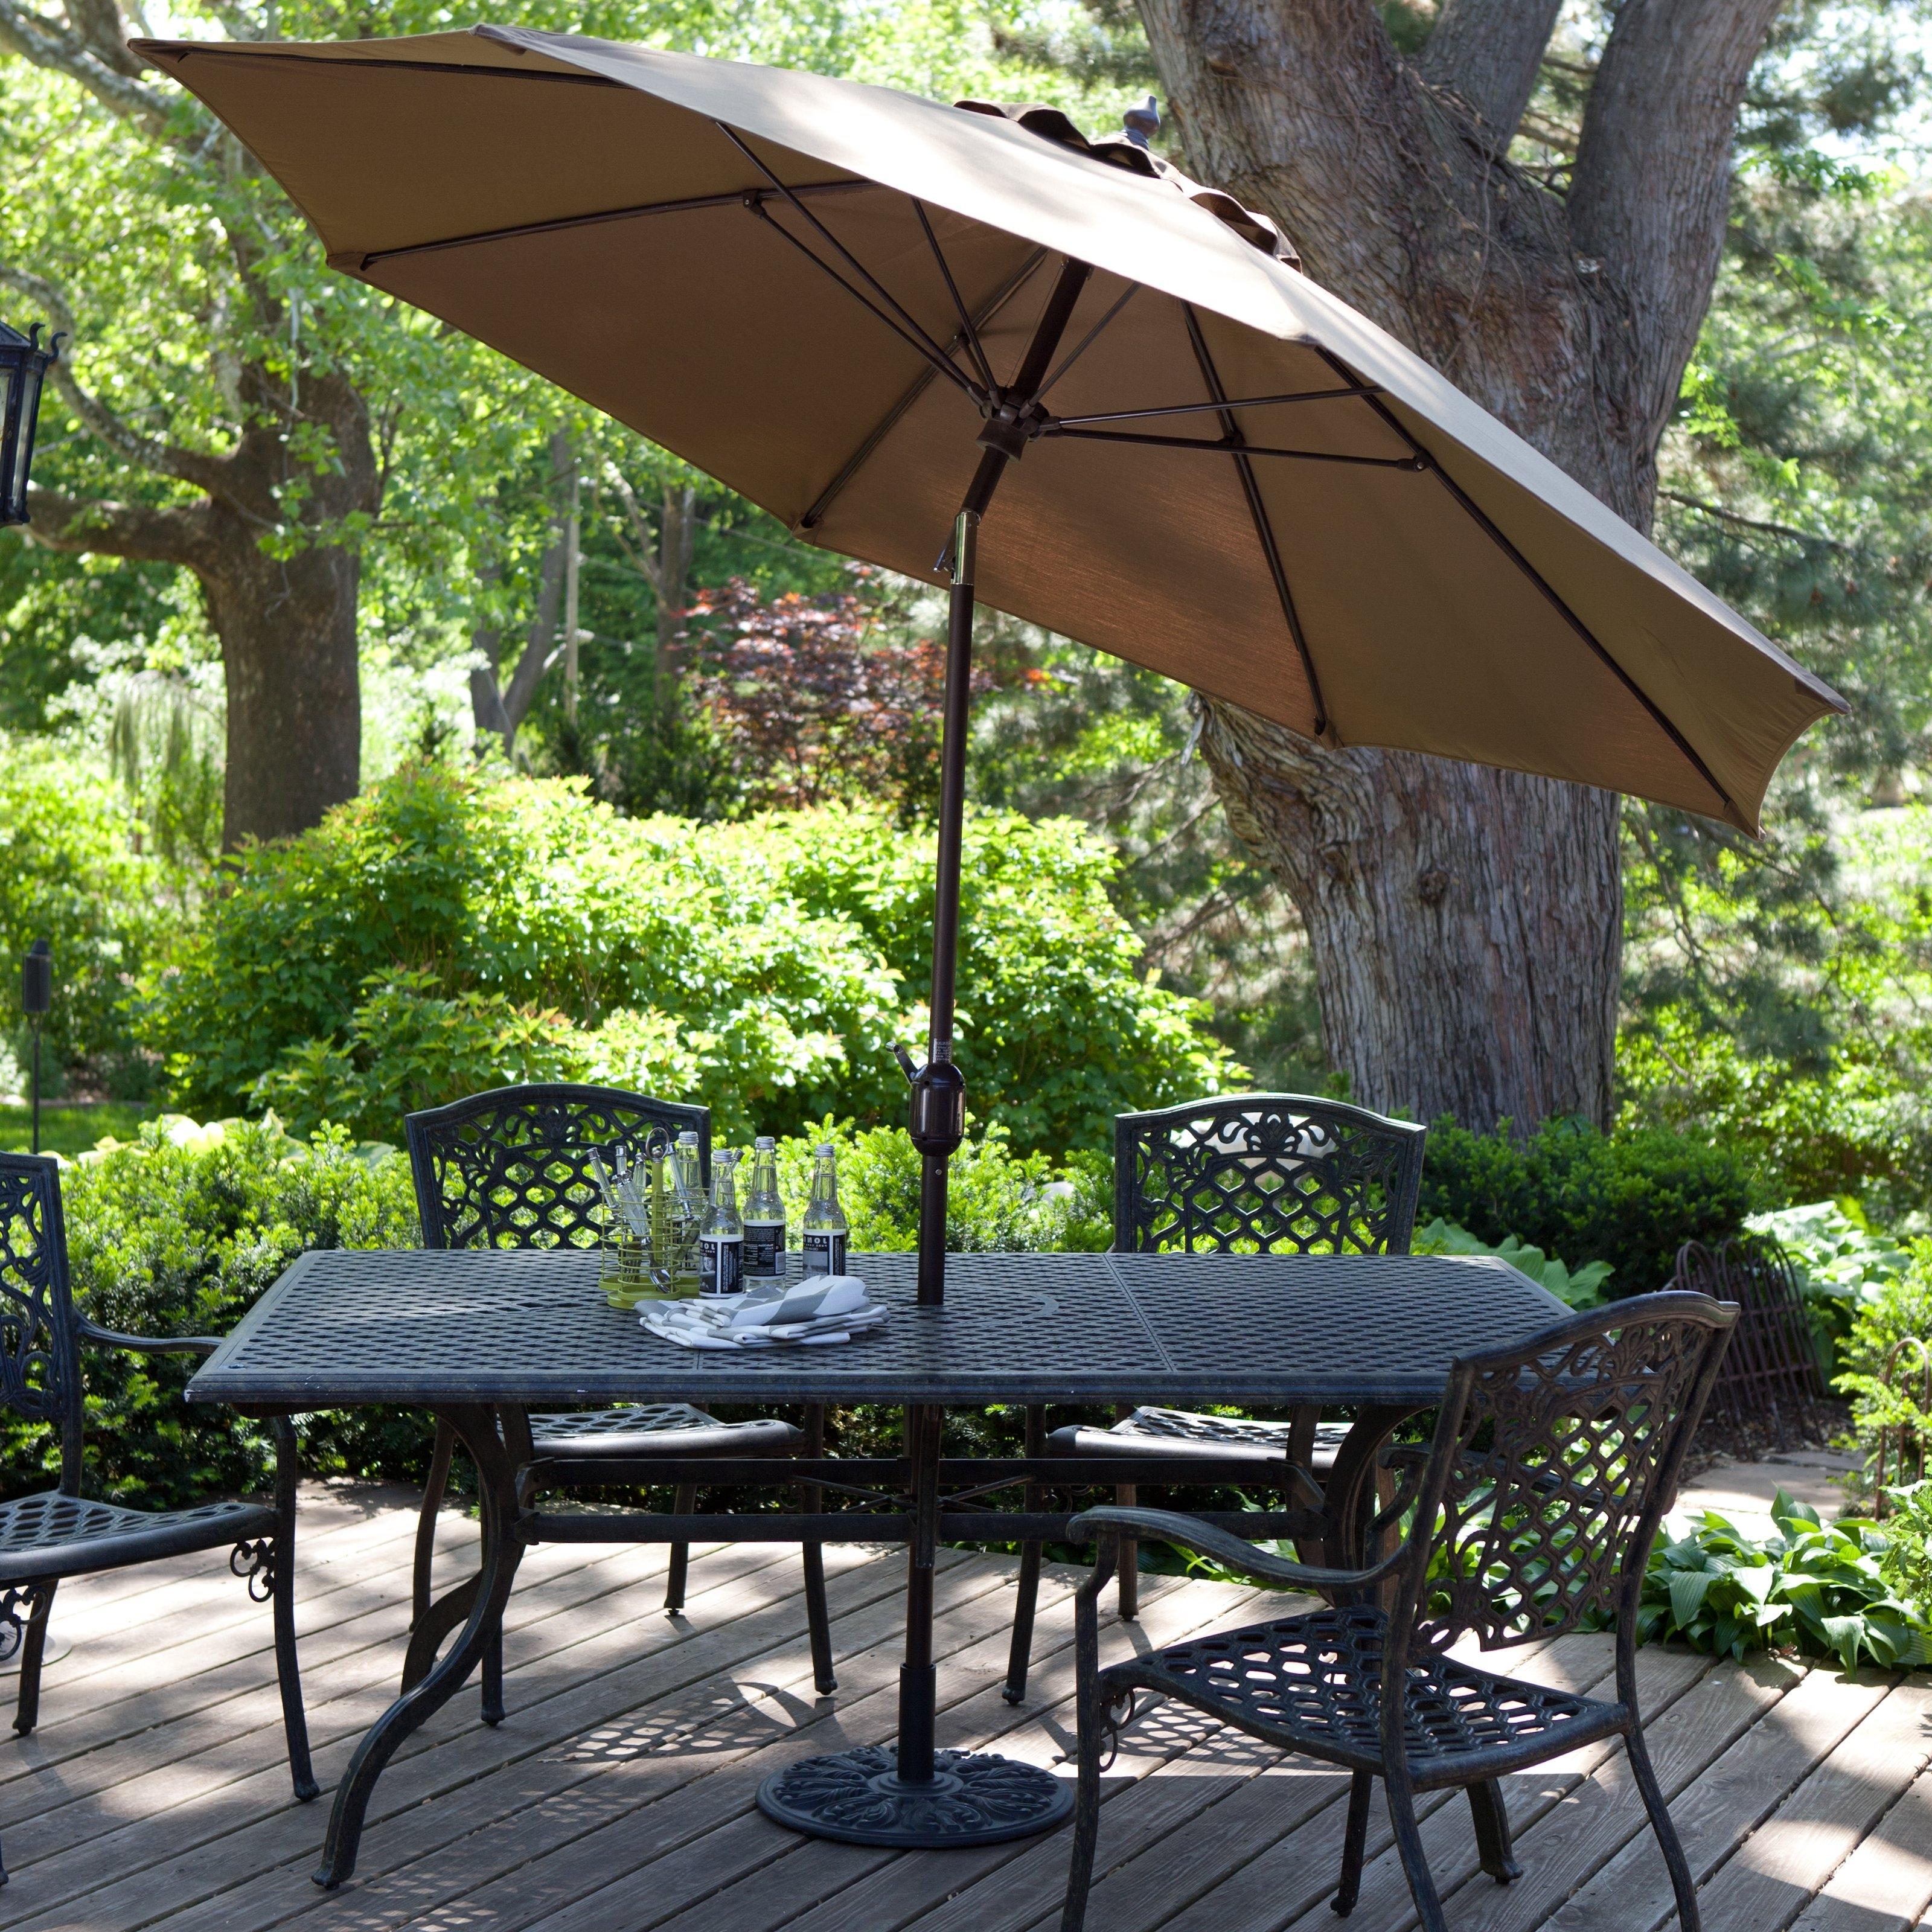 Sunbrella Patio Umbrellas Intended For Widely Used Patio Umbrellas Com Luxury Treasure Garden 11 Ft Sunbrella Aluminium (View 15 of 20)